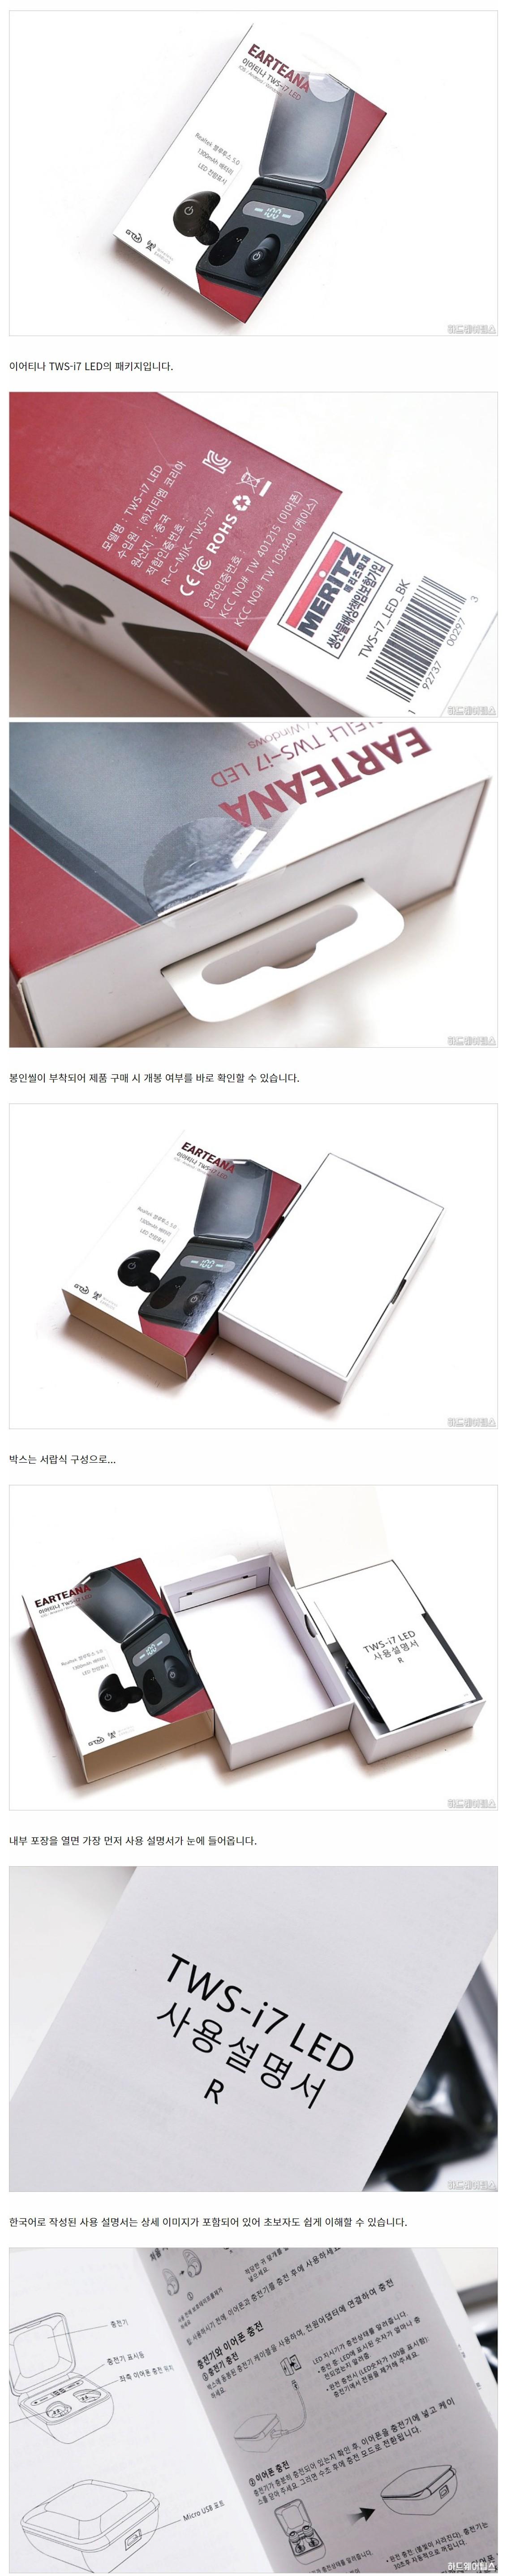 이어티나 TWS-i7 LED 무선 블루투스 이어폰 3.jpg